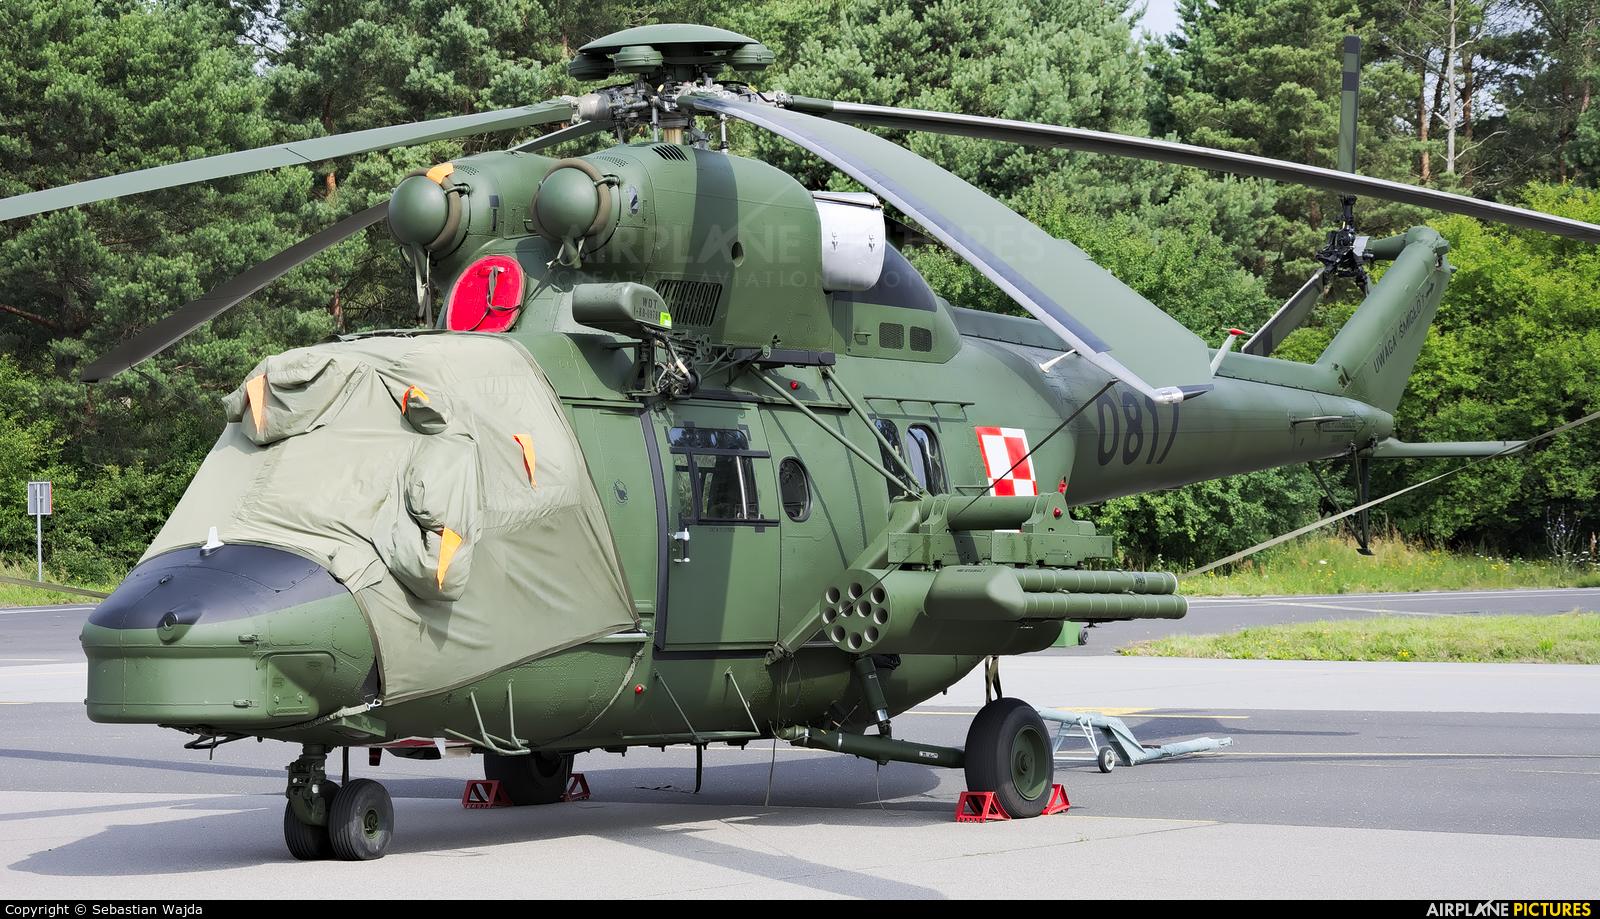 Poland - Army 0817 aircraft at Gdynia- Babie Doły (Oksywie)